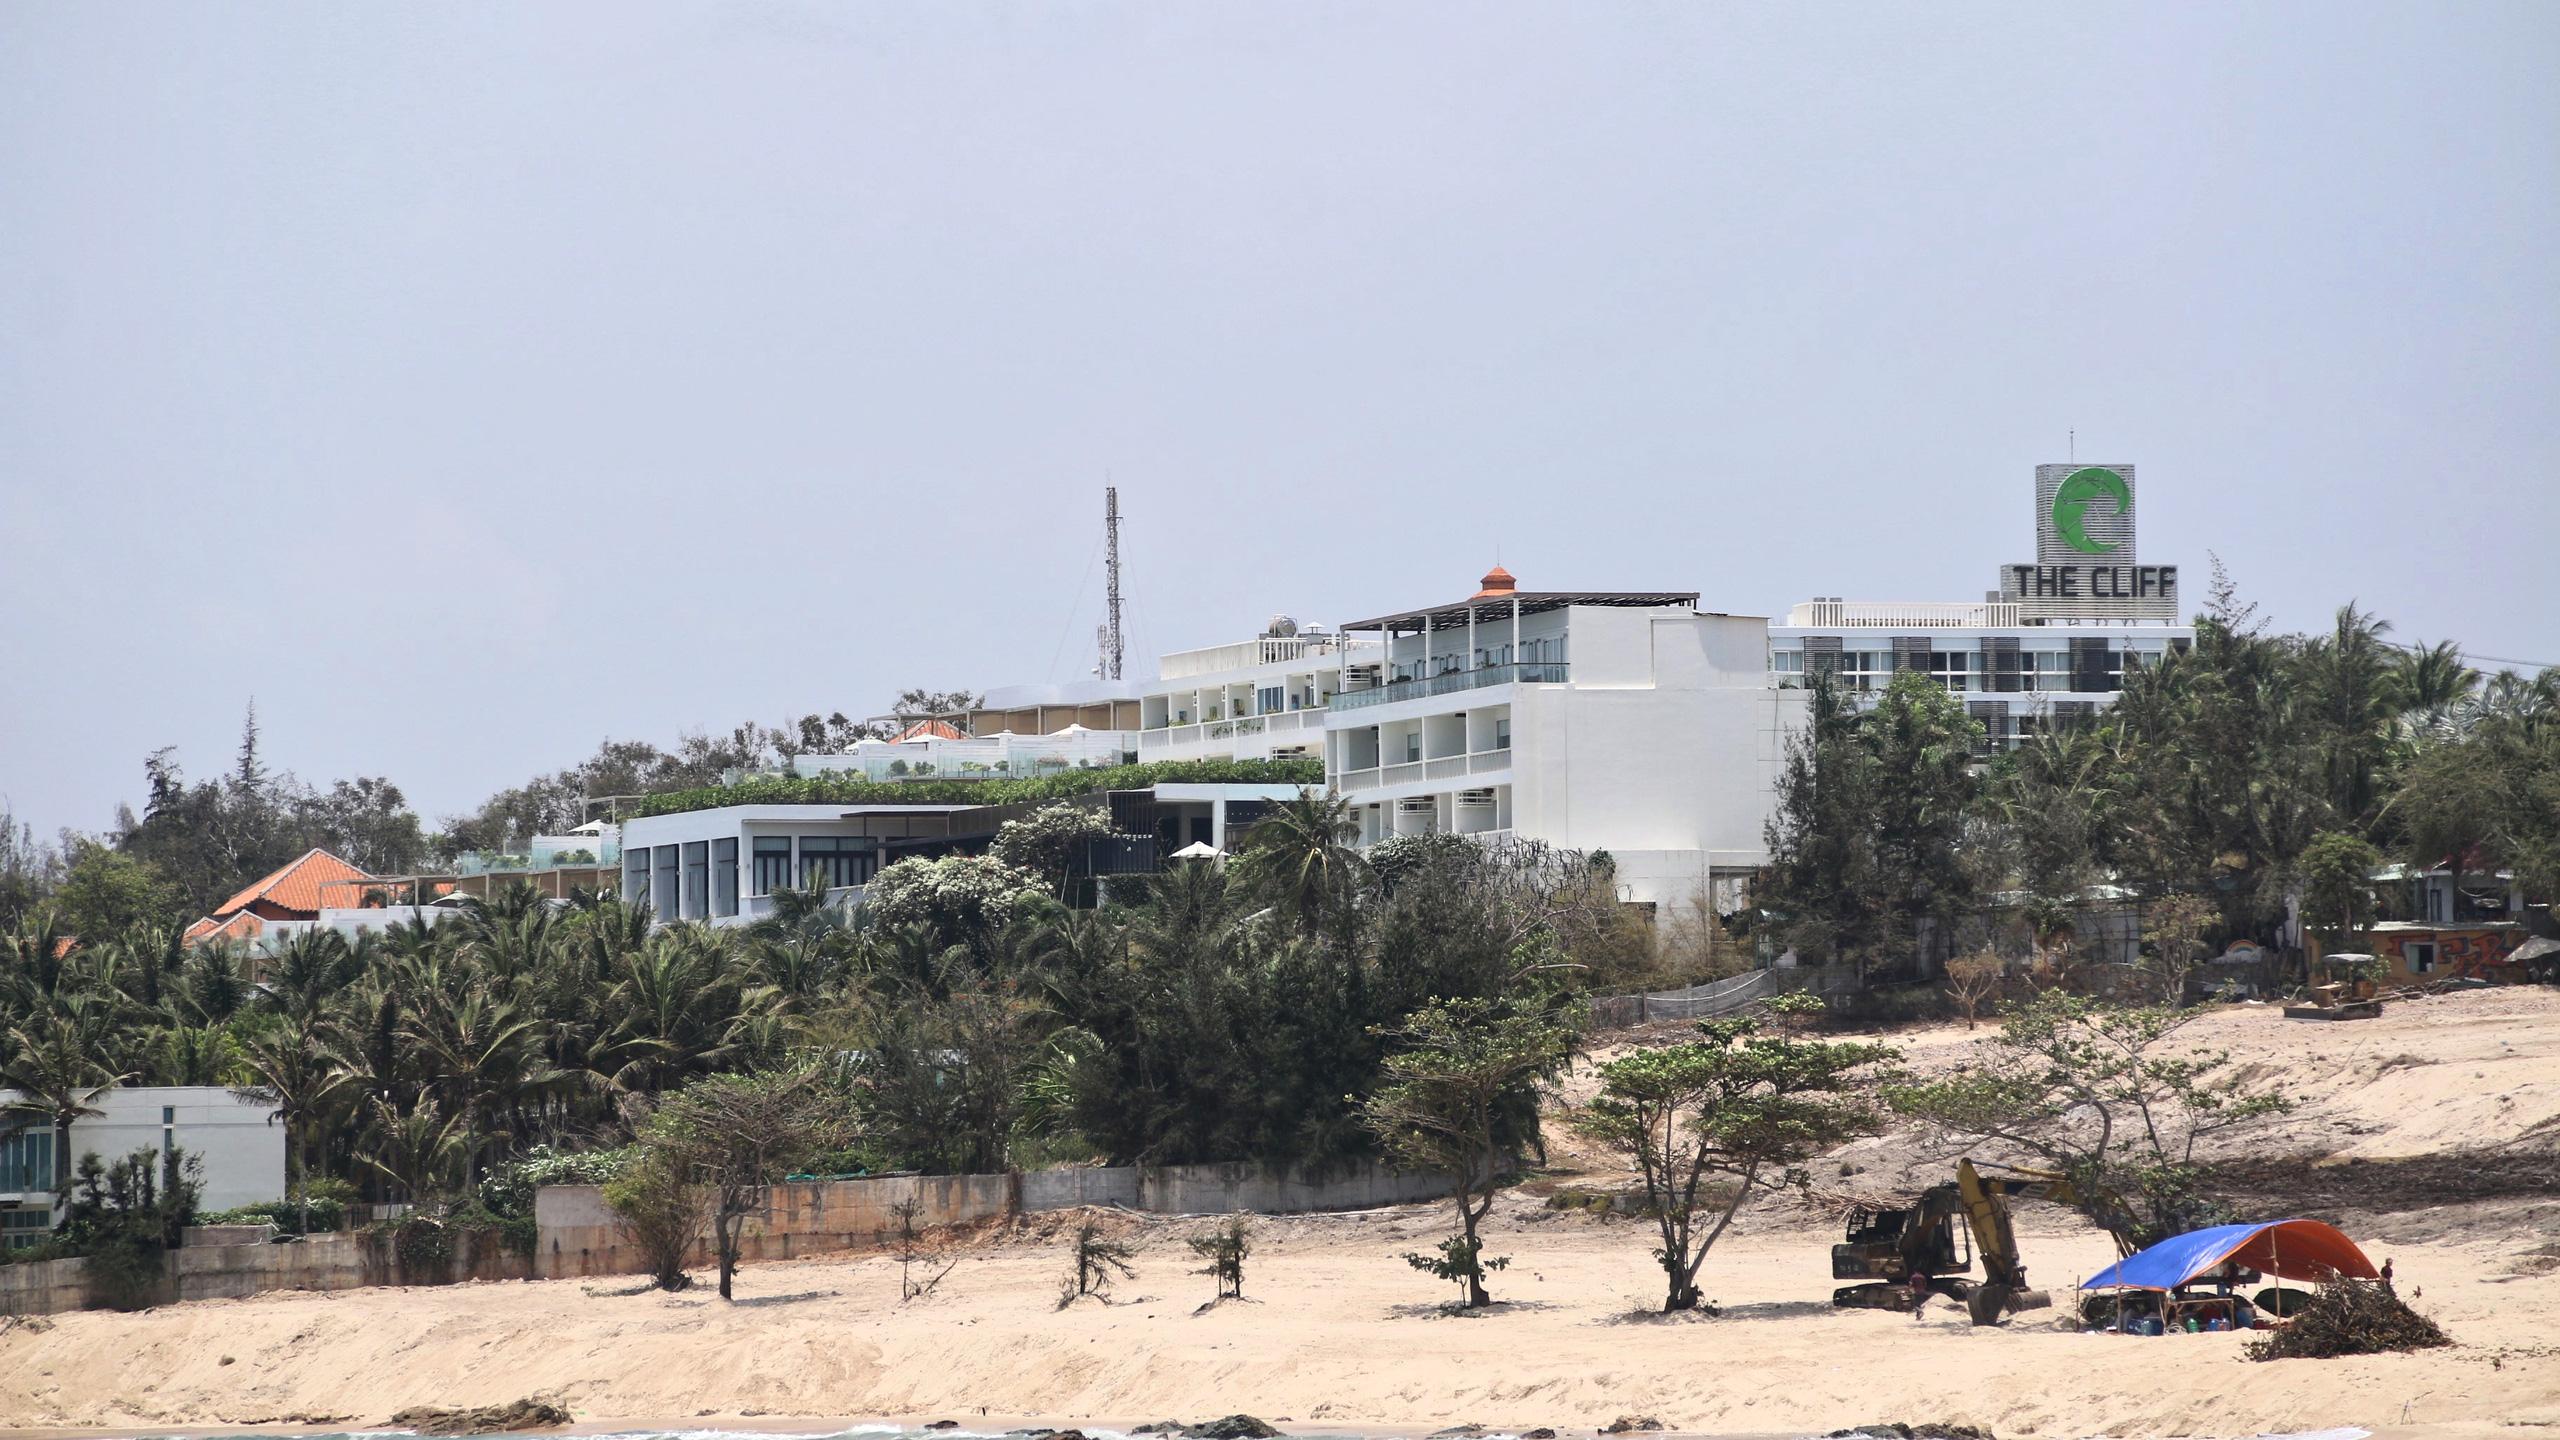 Hàng quán dọc biển Mũi Né đồng loạt 'cửa đóng then cài' - Ảnh 2.